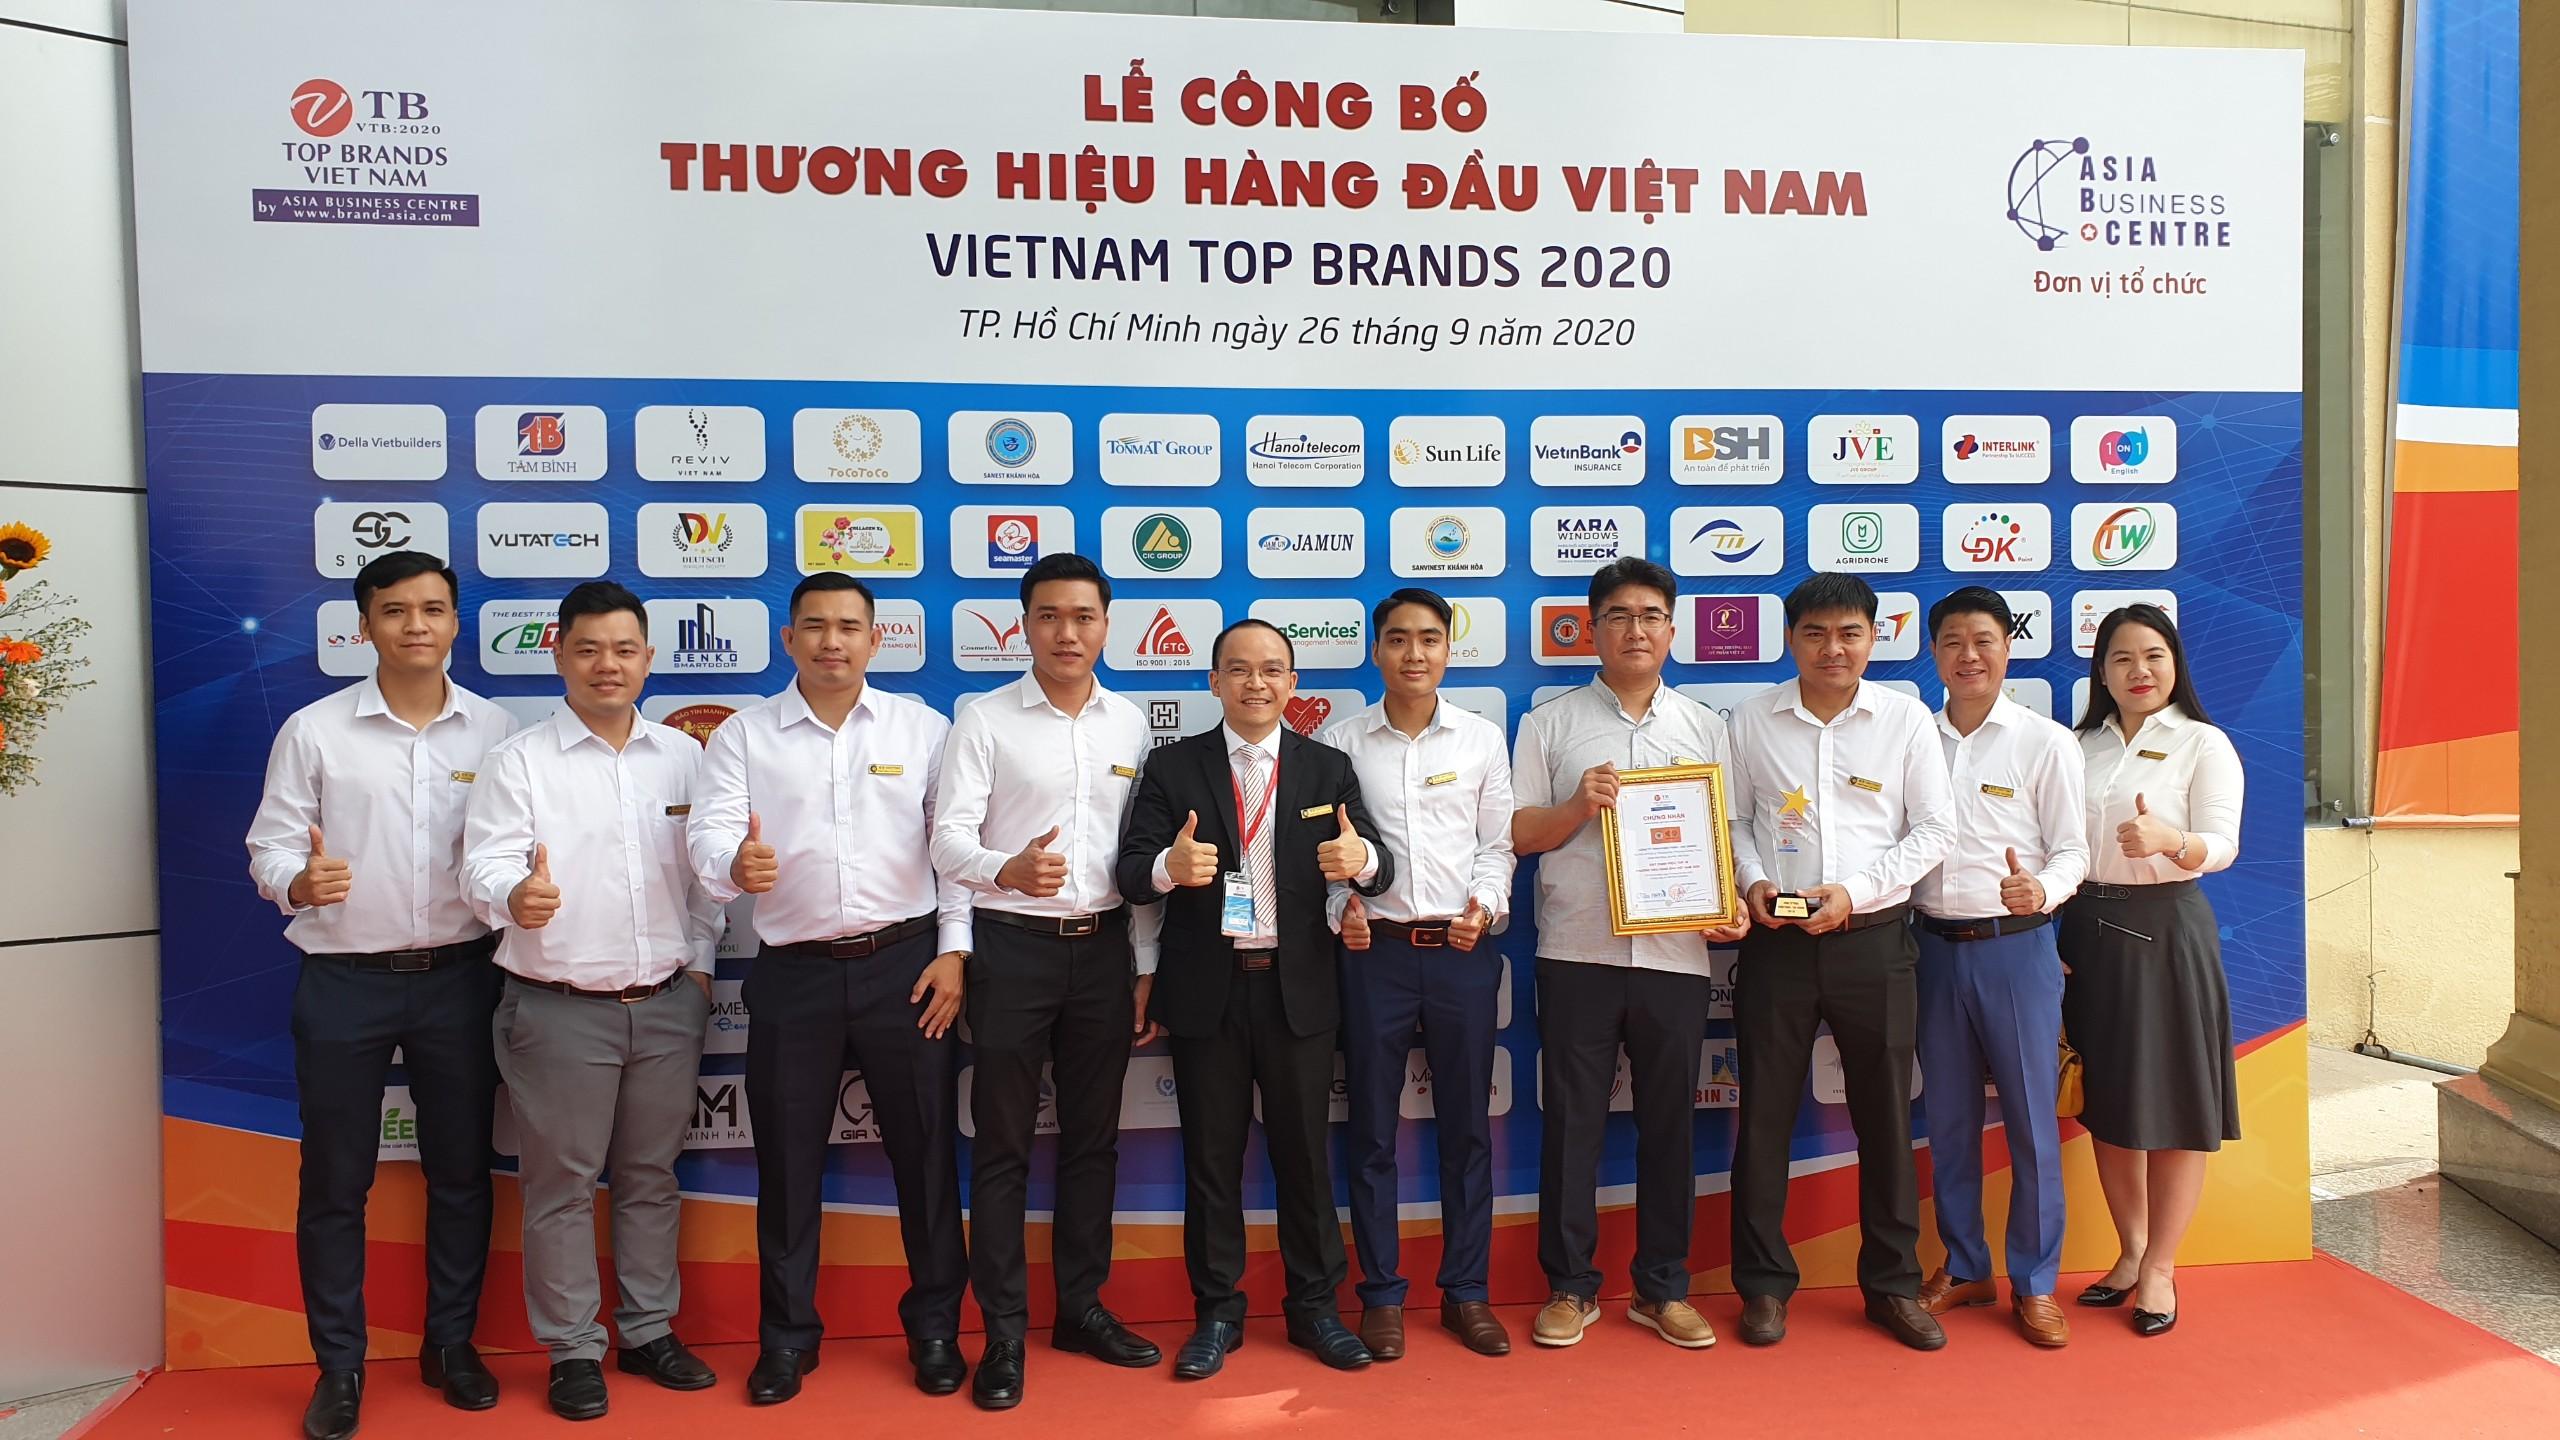 Top 10 Thương Hiệu Hàng Đầu Việt Nam